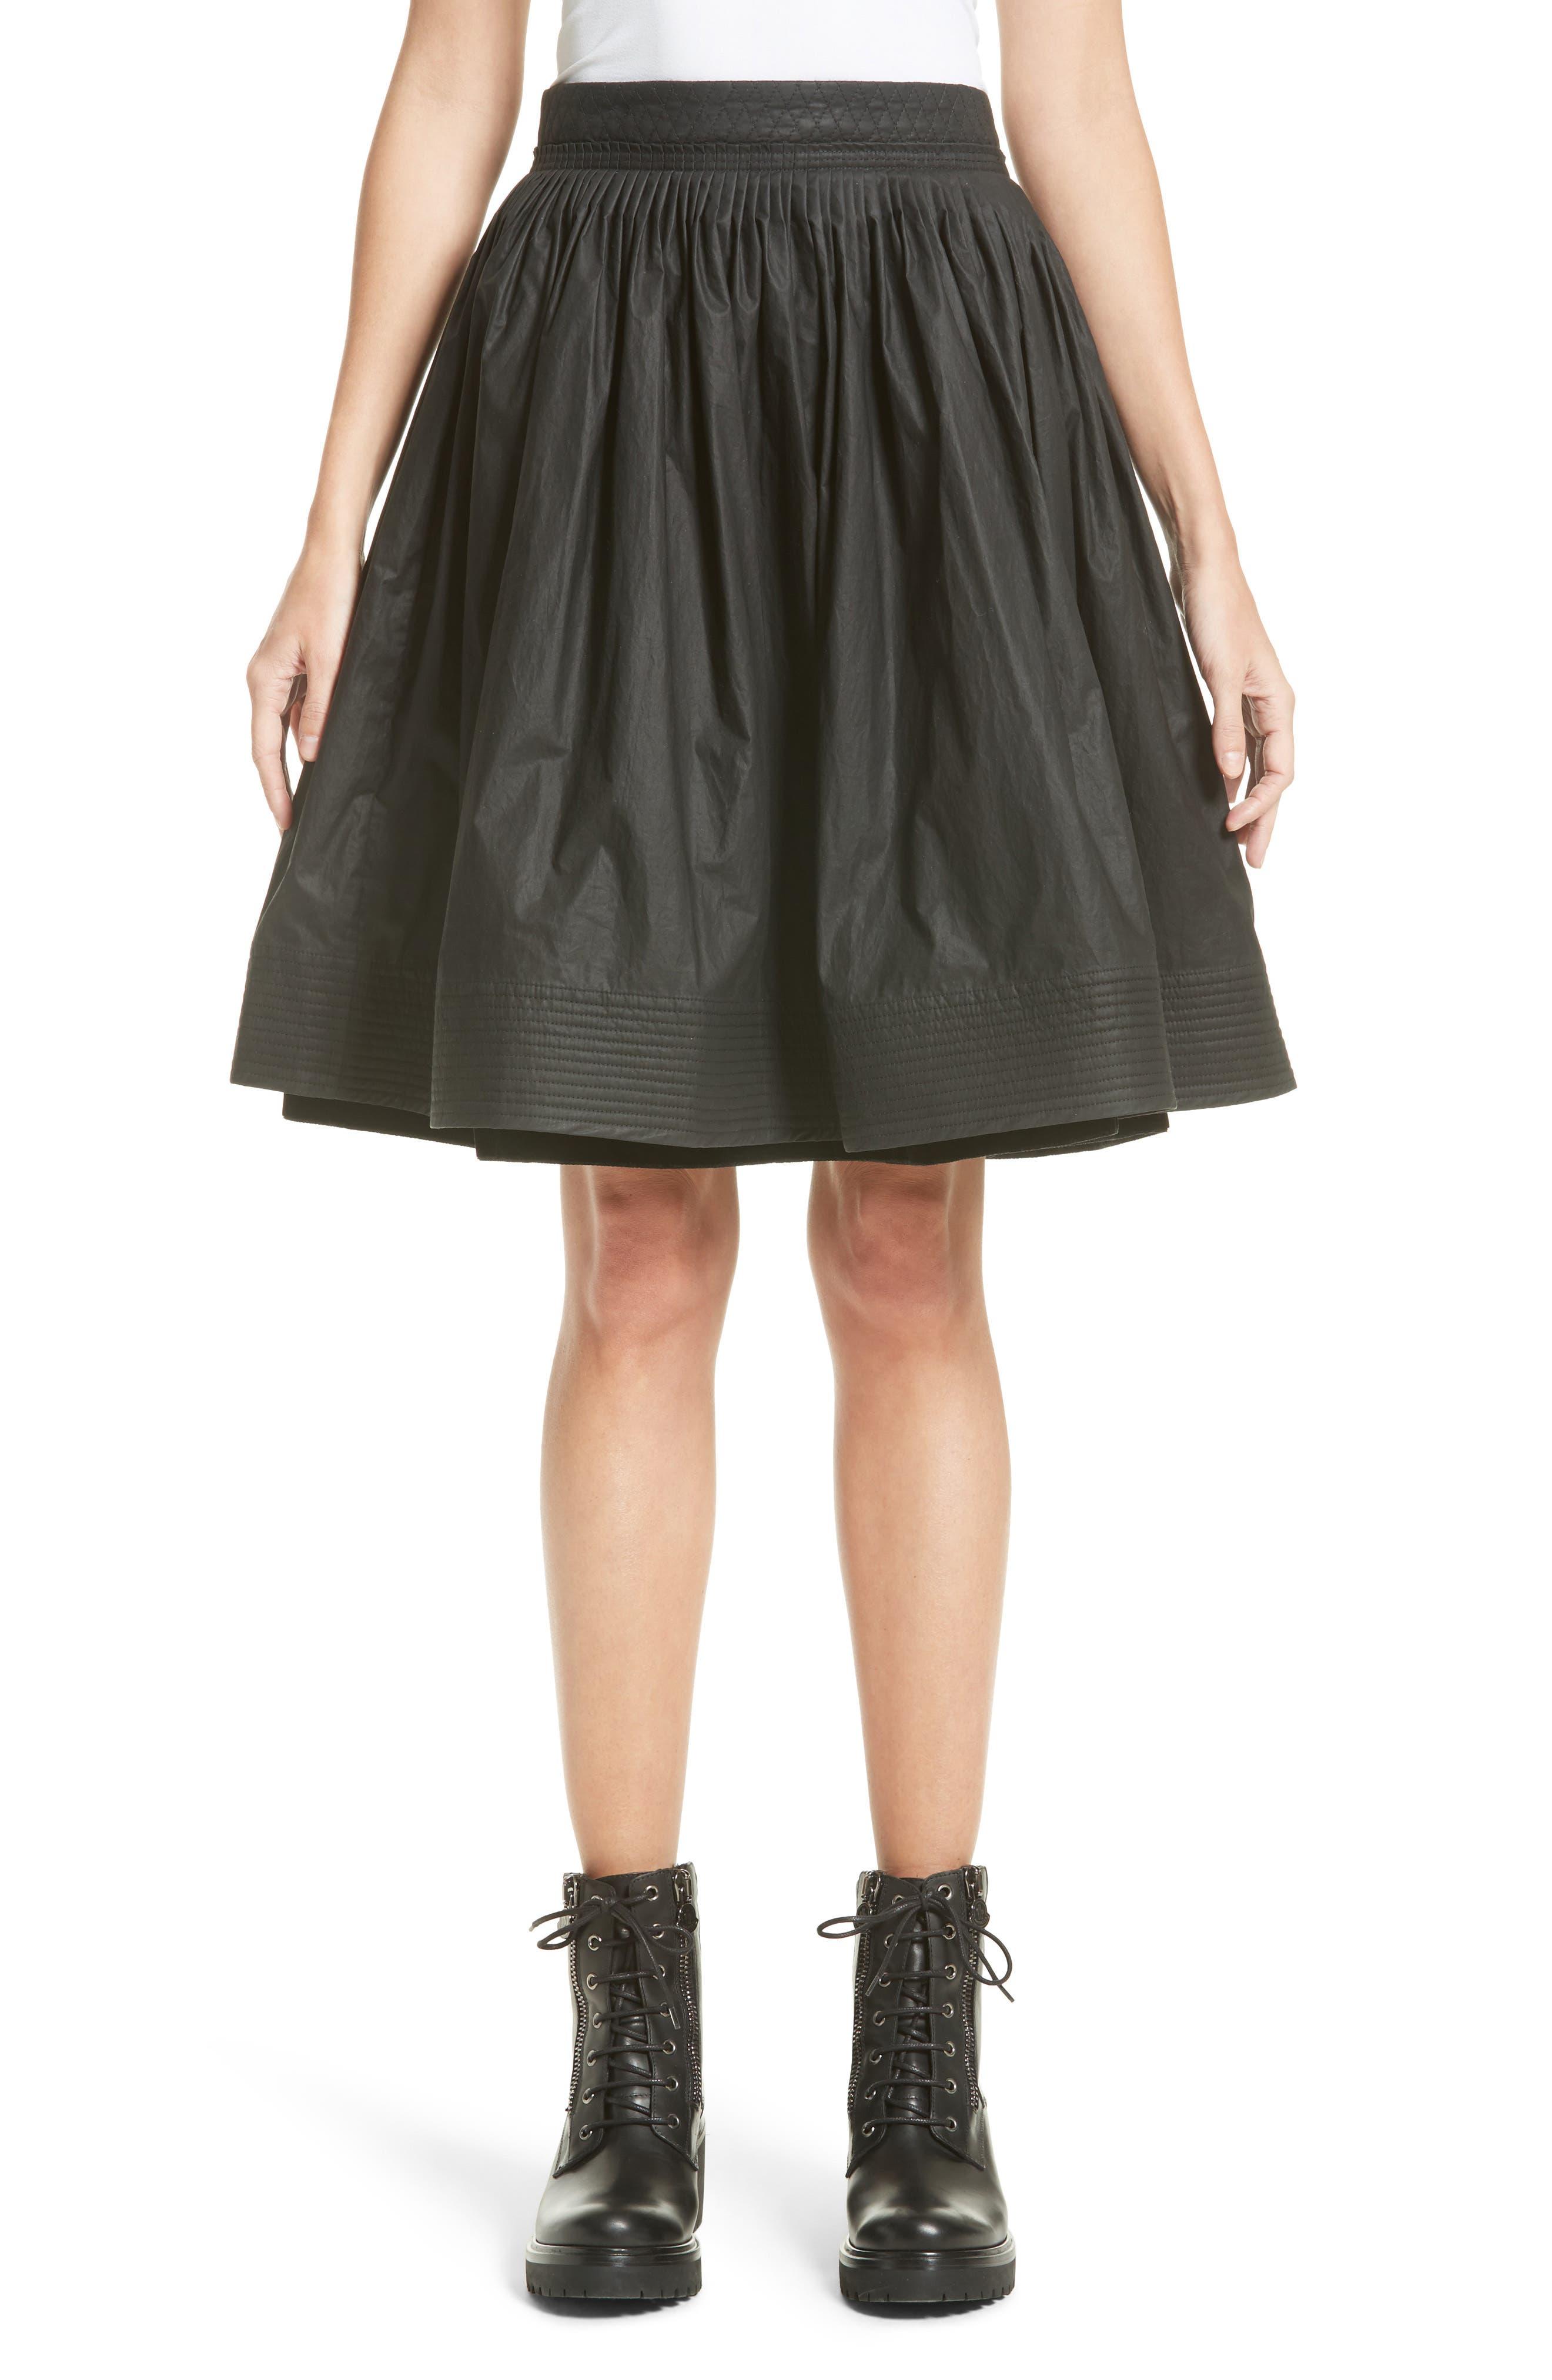 Gonna Cotton A-Line Skirt,                         Main,                         color, Black